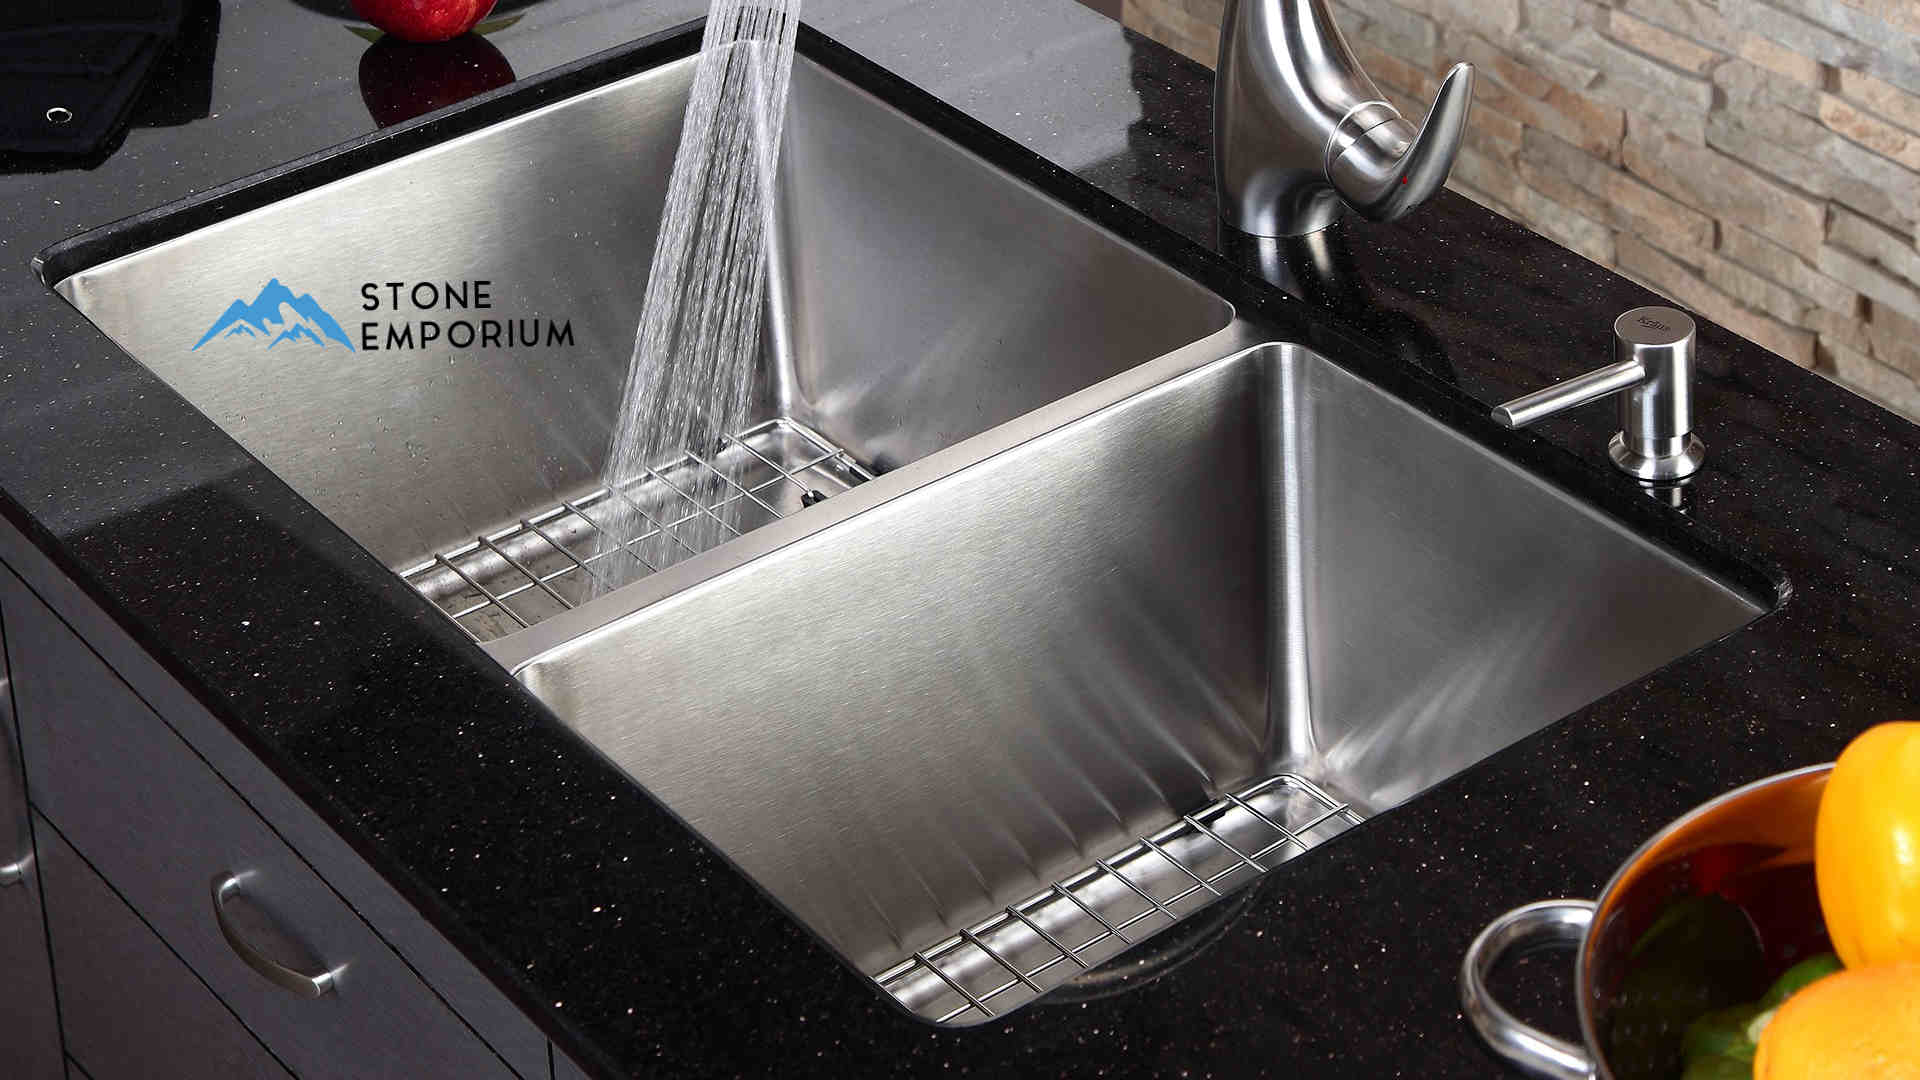 White Quartz Countertop from Stone Emporium – Affordable Quartz